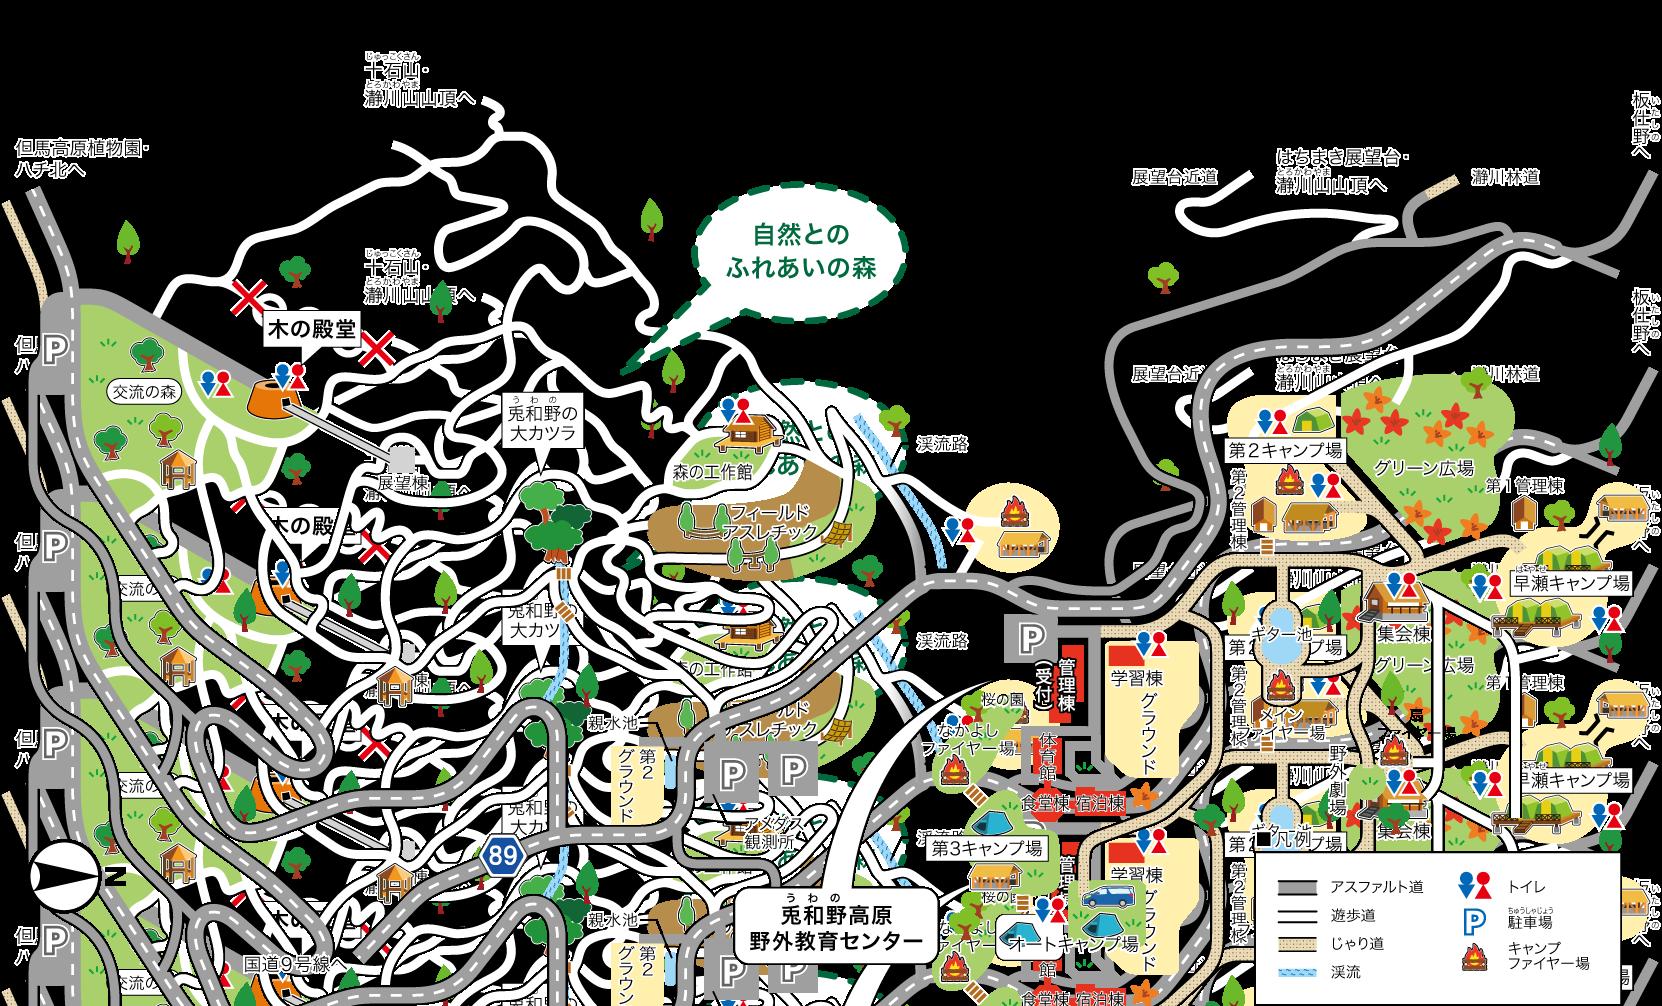 施設案内 - 兵庫県立兎和野高原野外教育センター